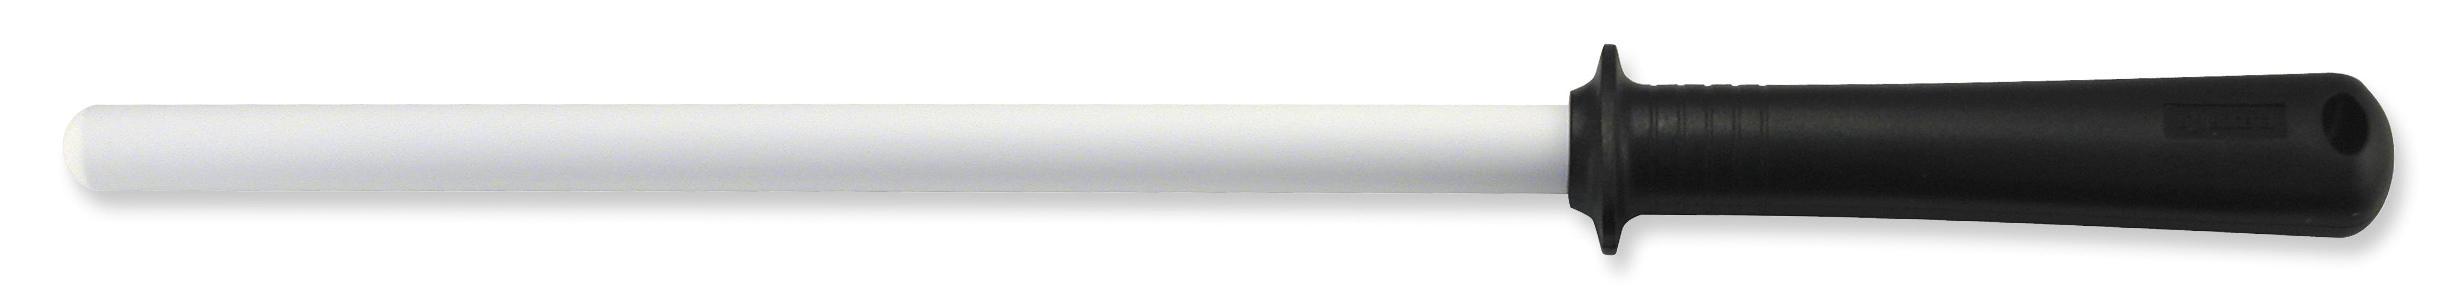 Keramická ocieľka na brúsenie nožov väčšia Kyocera CSW-18